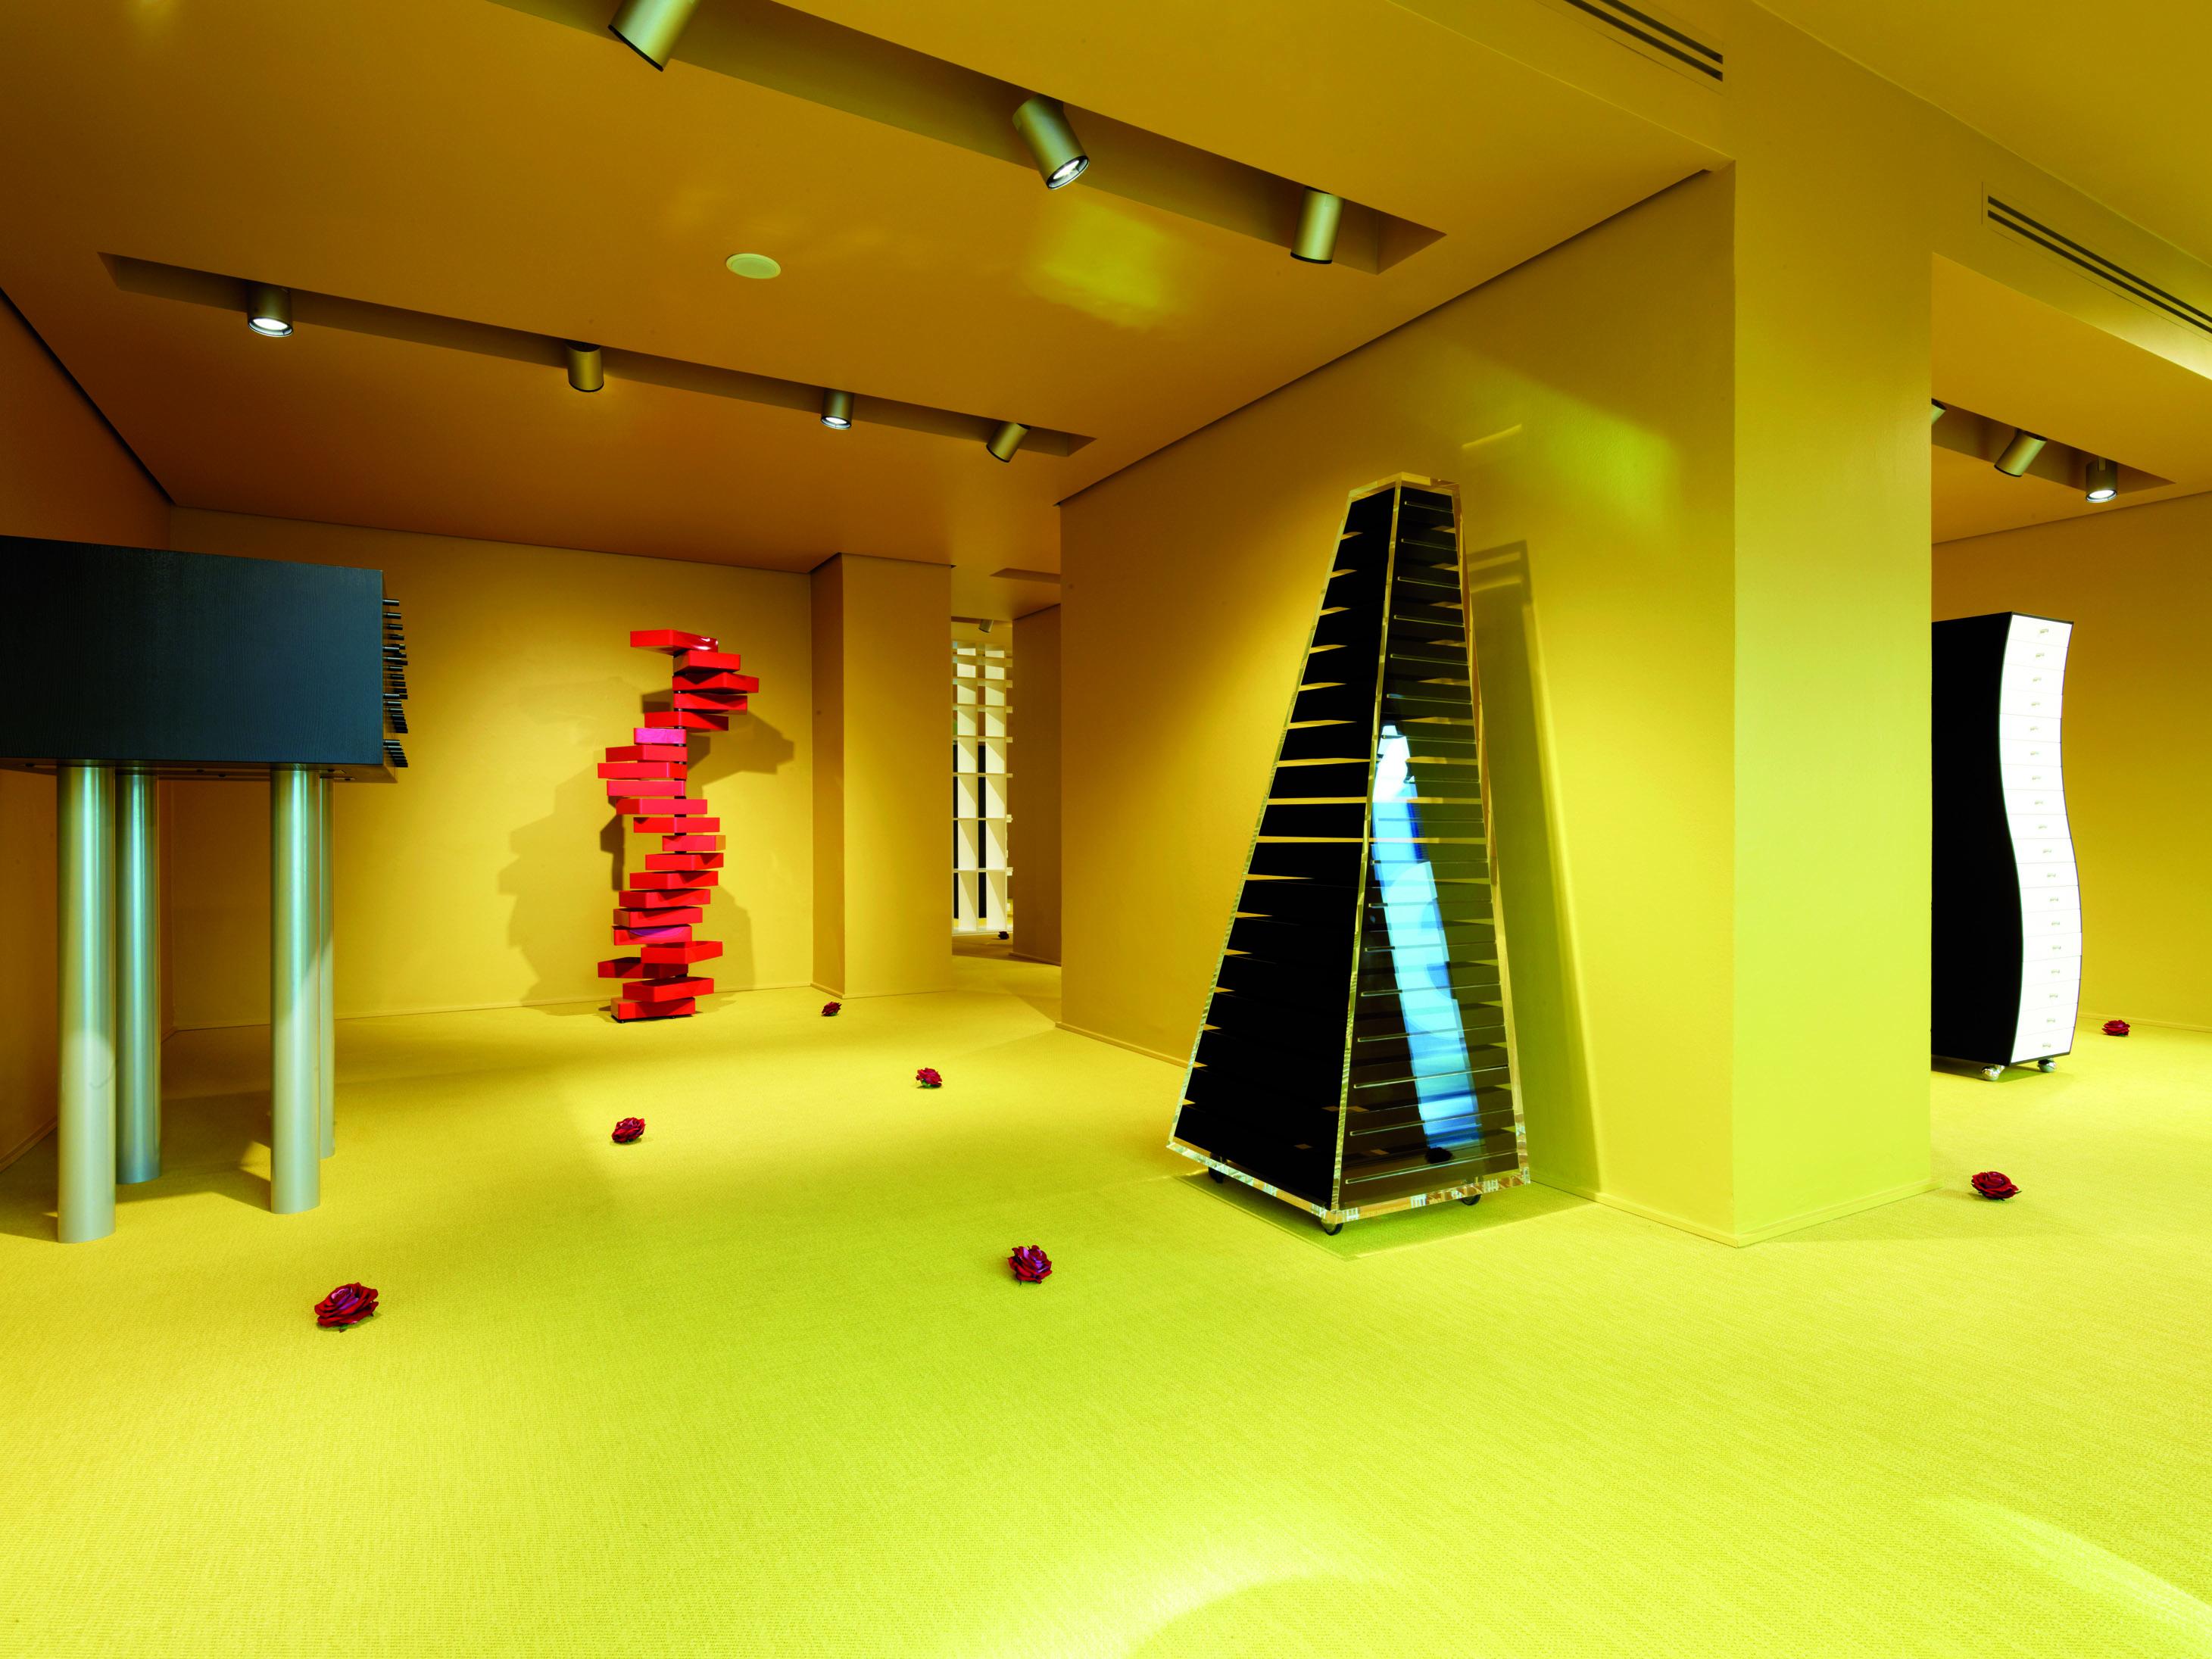 Inaugura il nuovo showroom Cappellini a Milano - Shopping Milano Roma e86072a37fe7